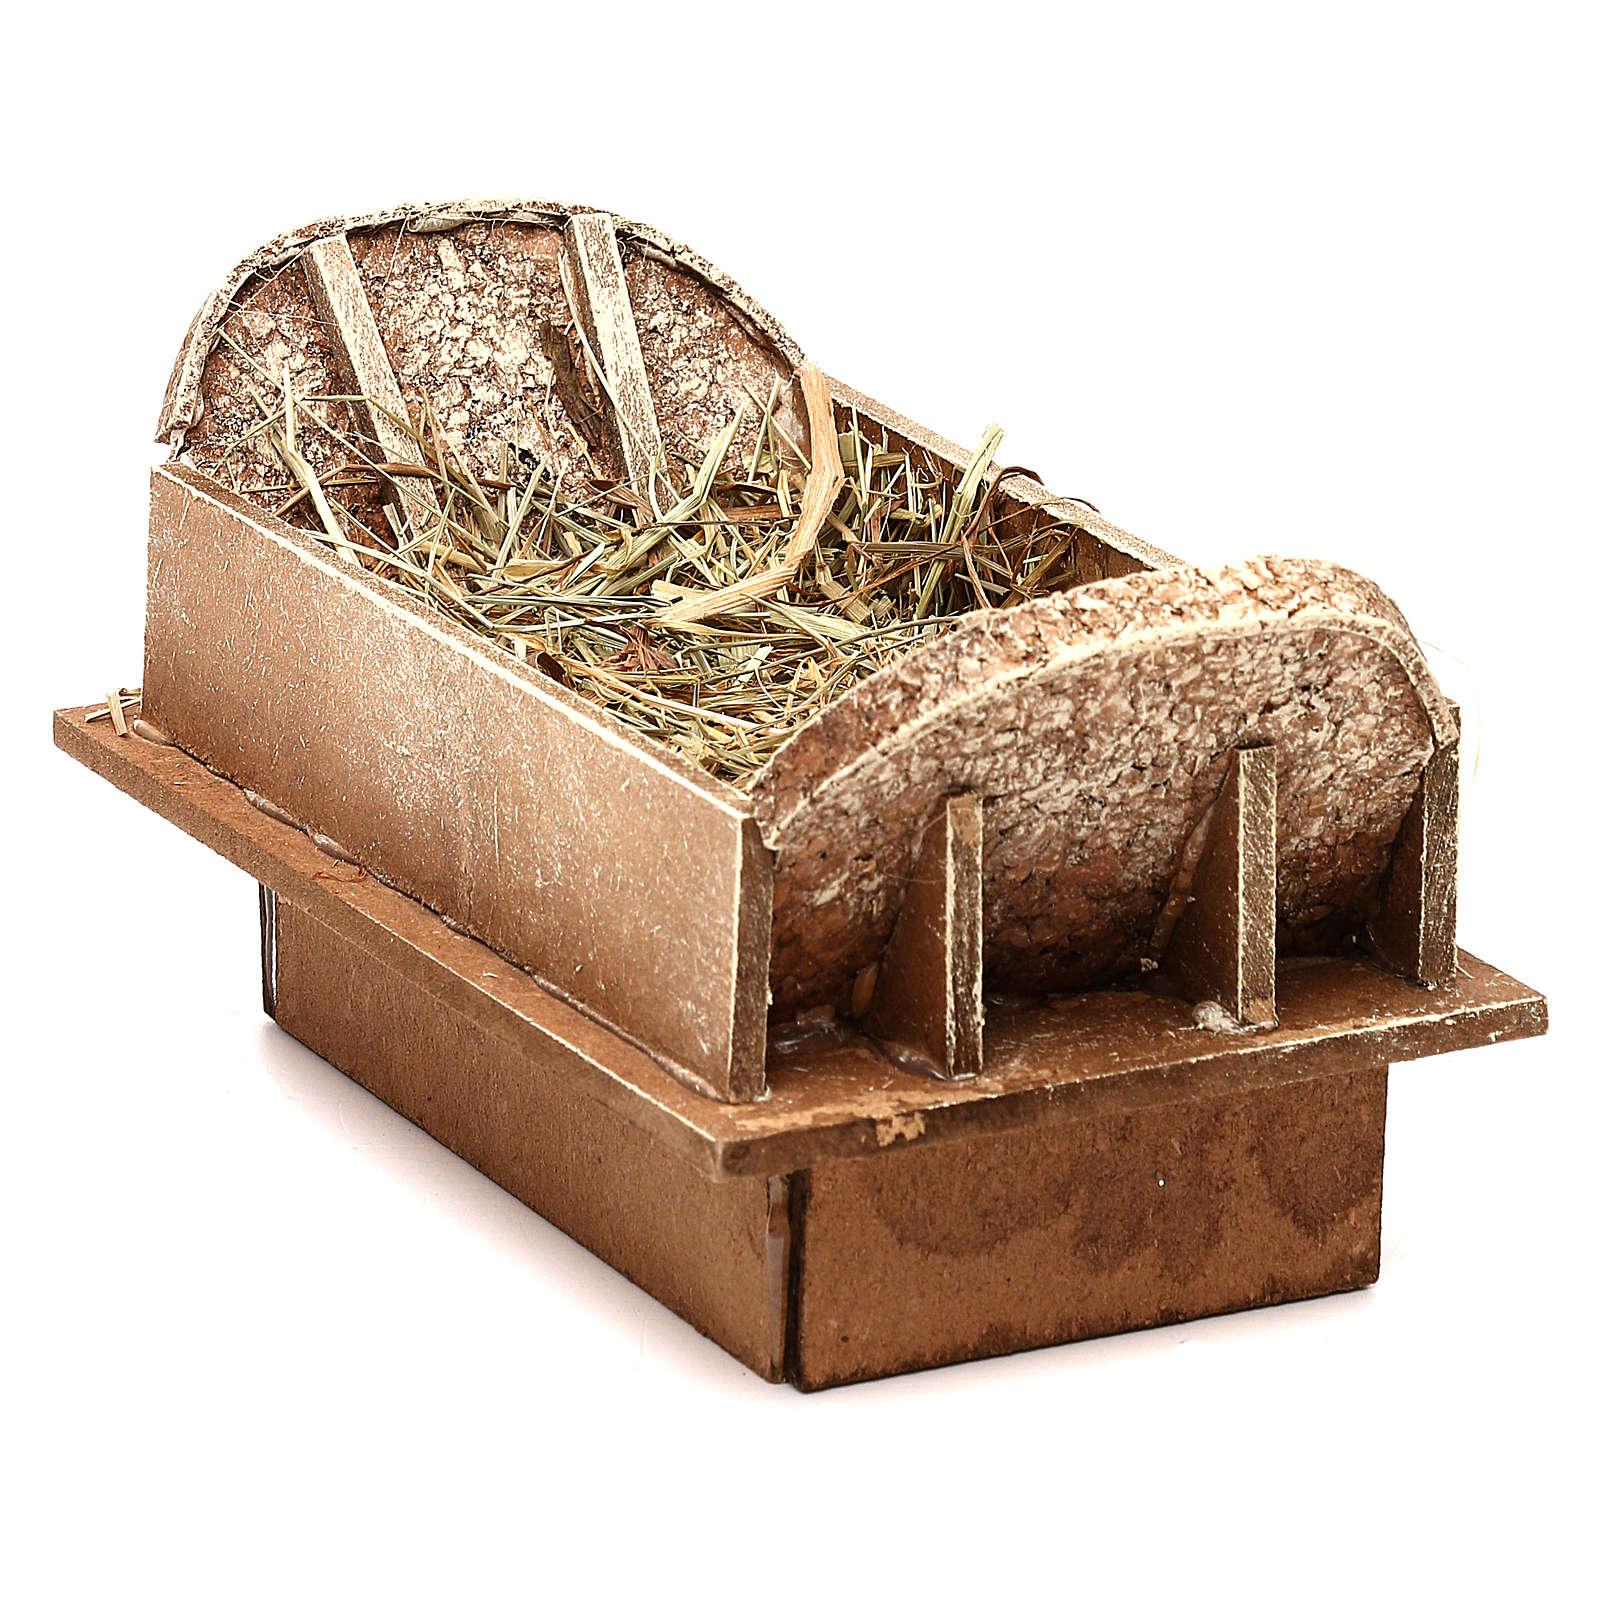 Berceau en bois et paille crèche 16-18 cm 3